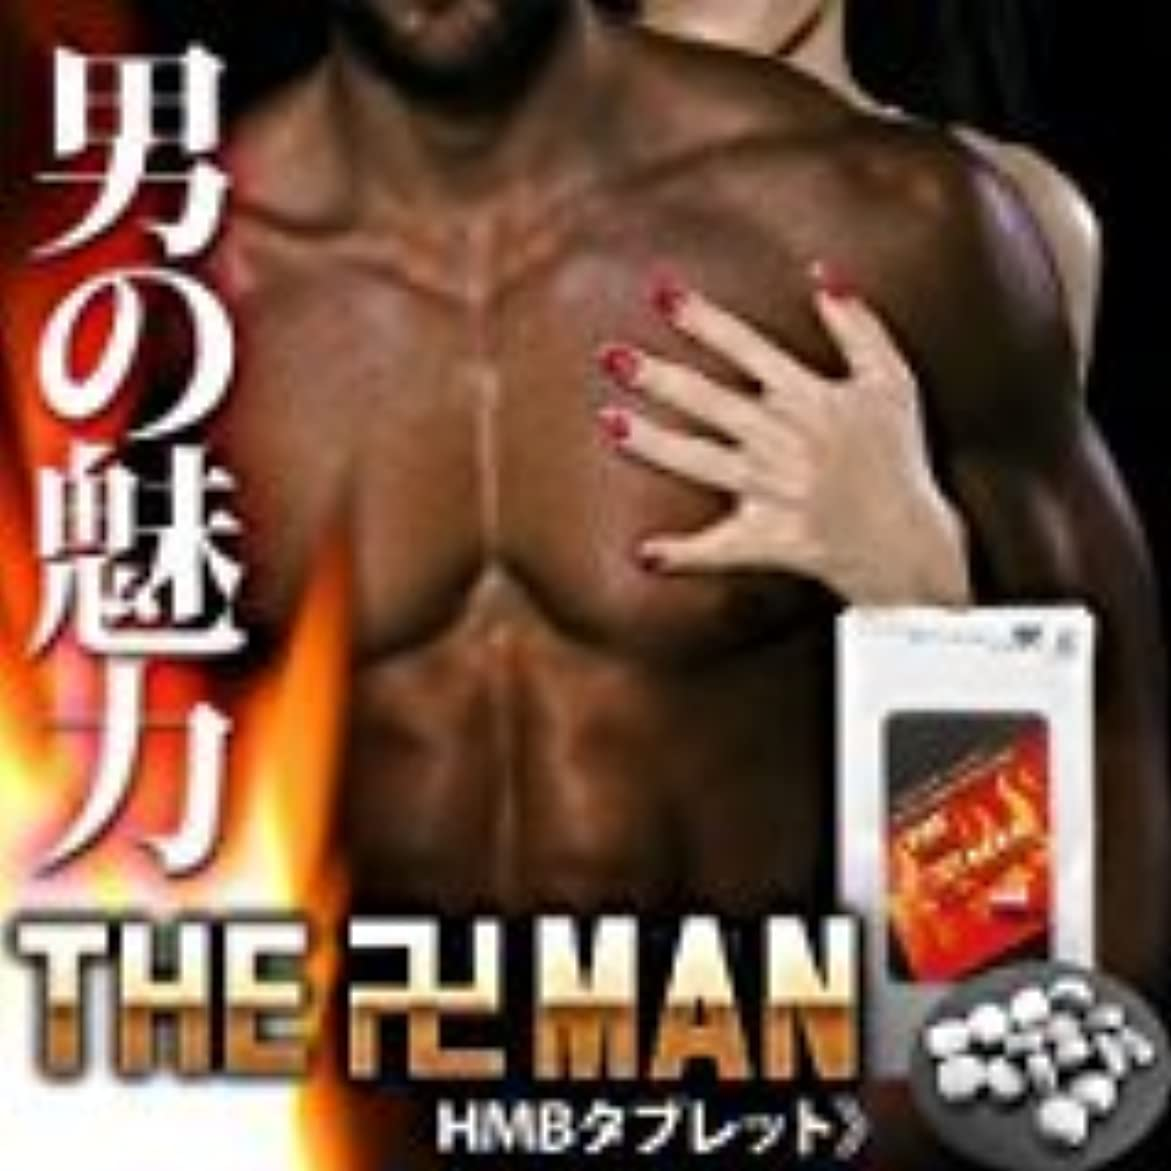 バンガロー歌密THE 卍 MAN ザ?マンジマン 2個セット